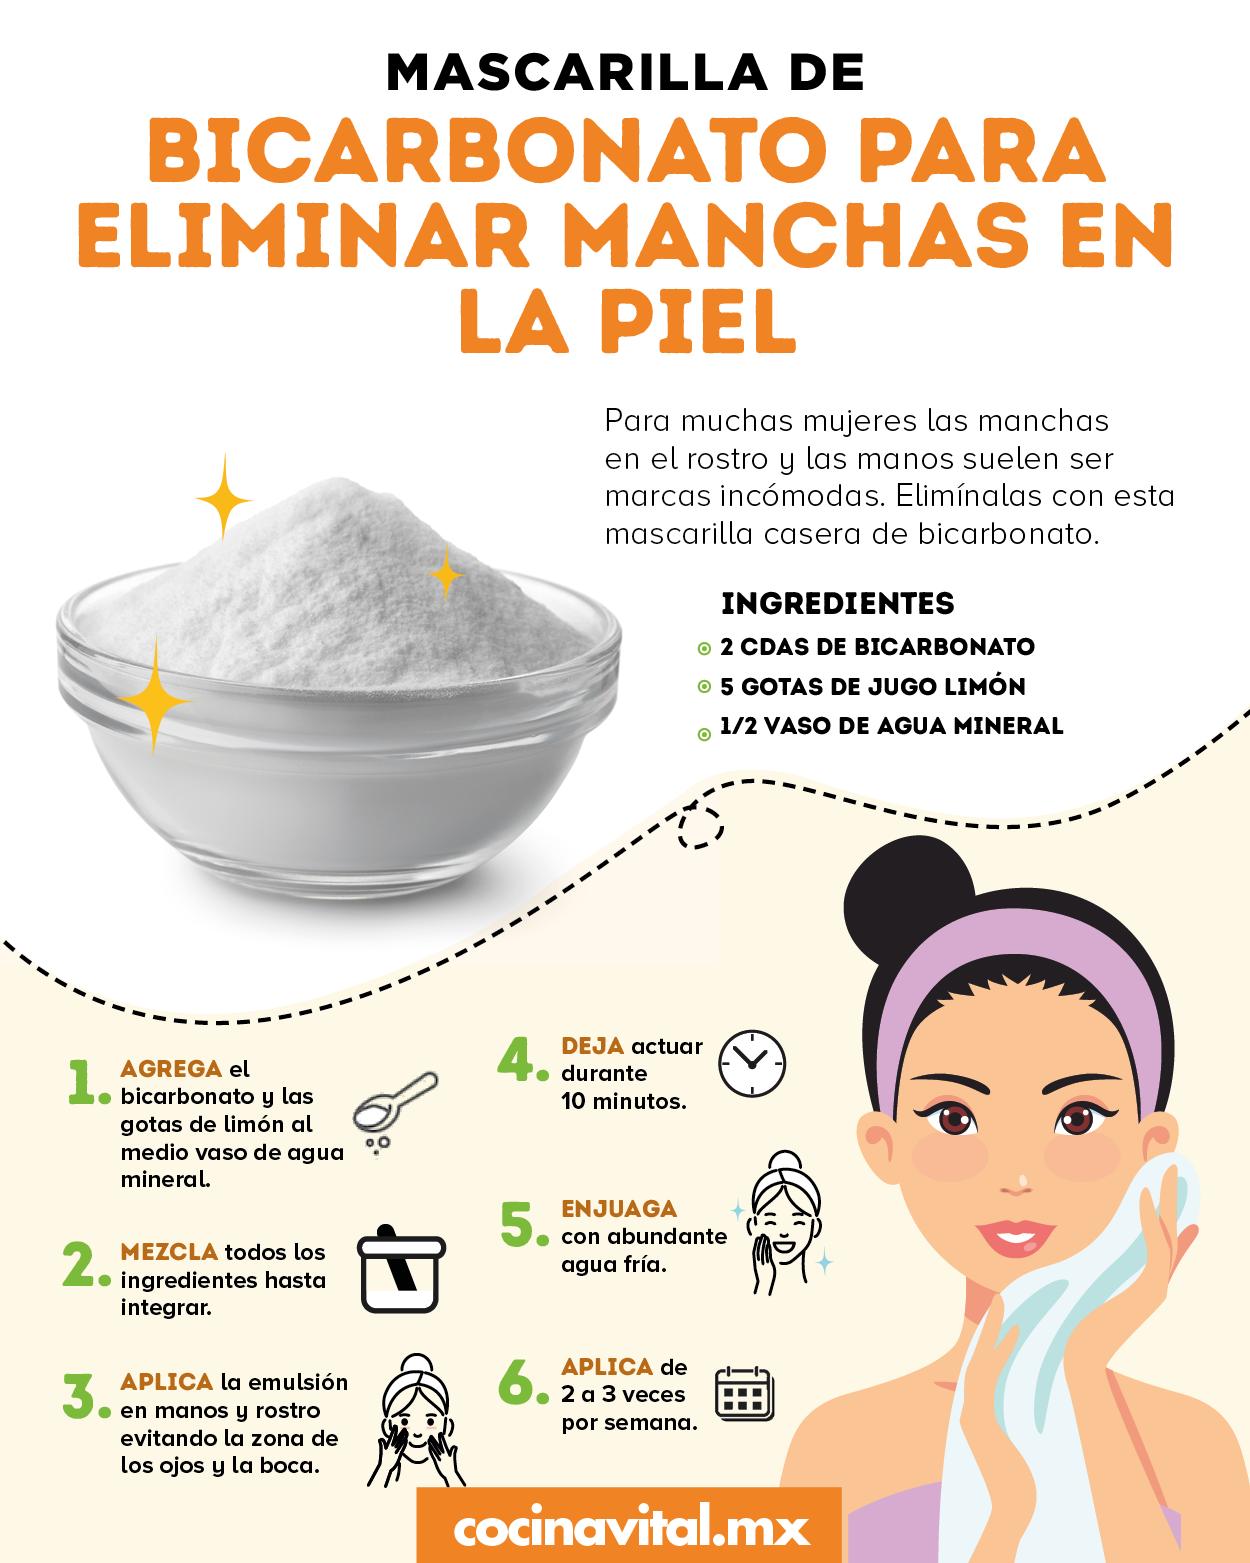 Mascarilla de bicarbonato para eliminar las manchas en la piel